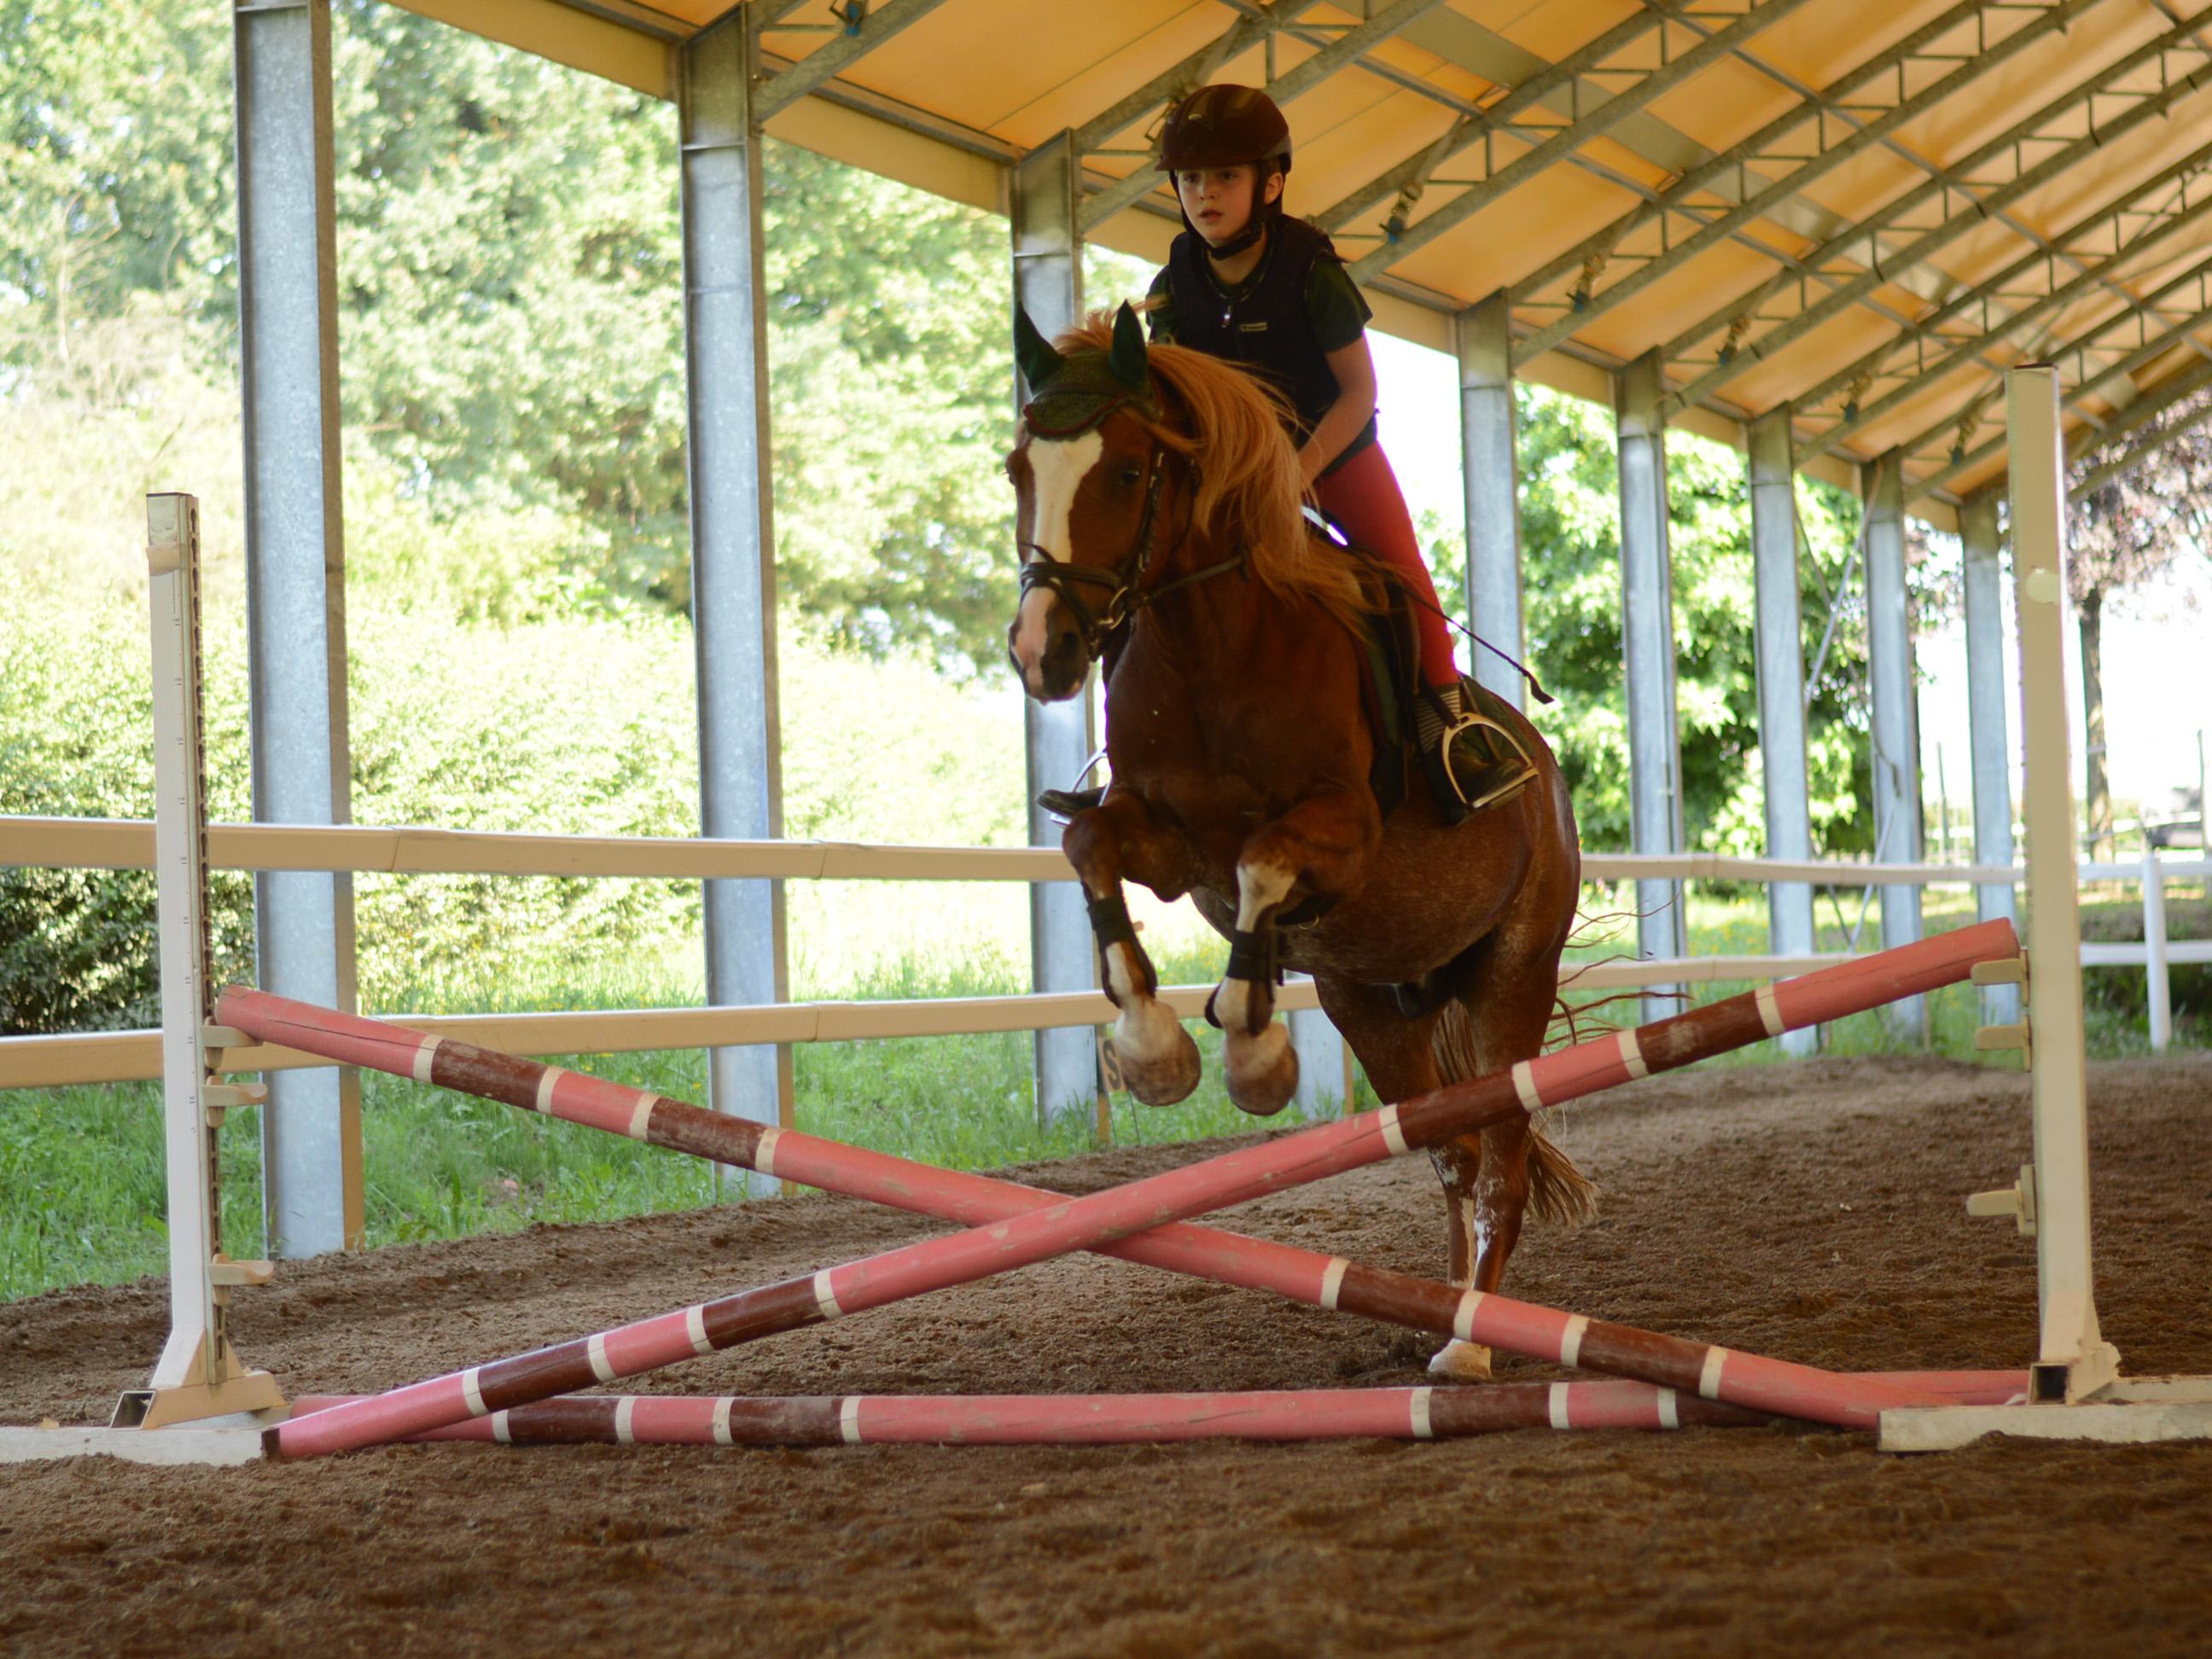 scuola_equitazione_pony_centro_ippico_la_fonda_varese_0011_318